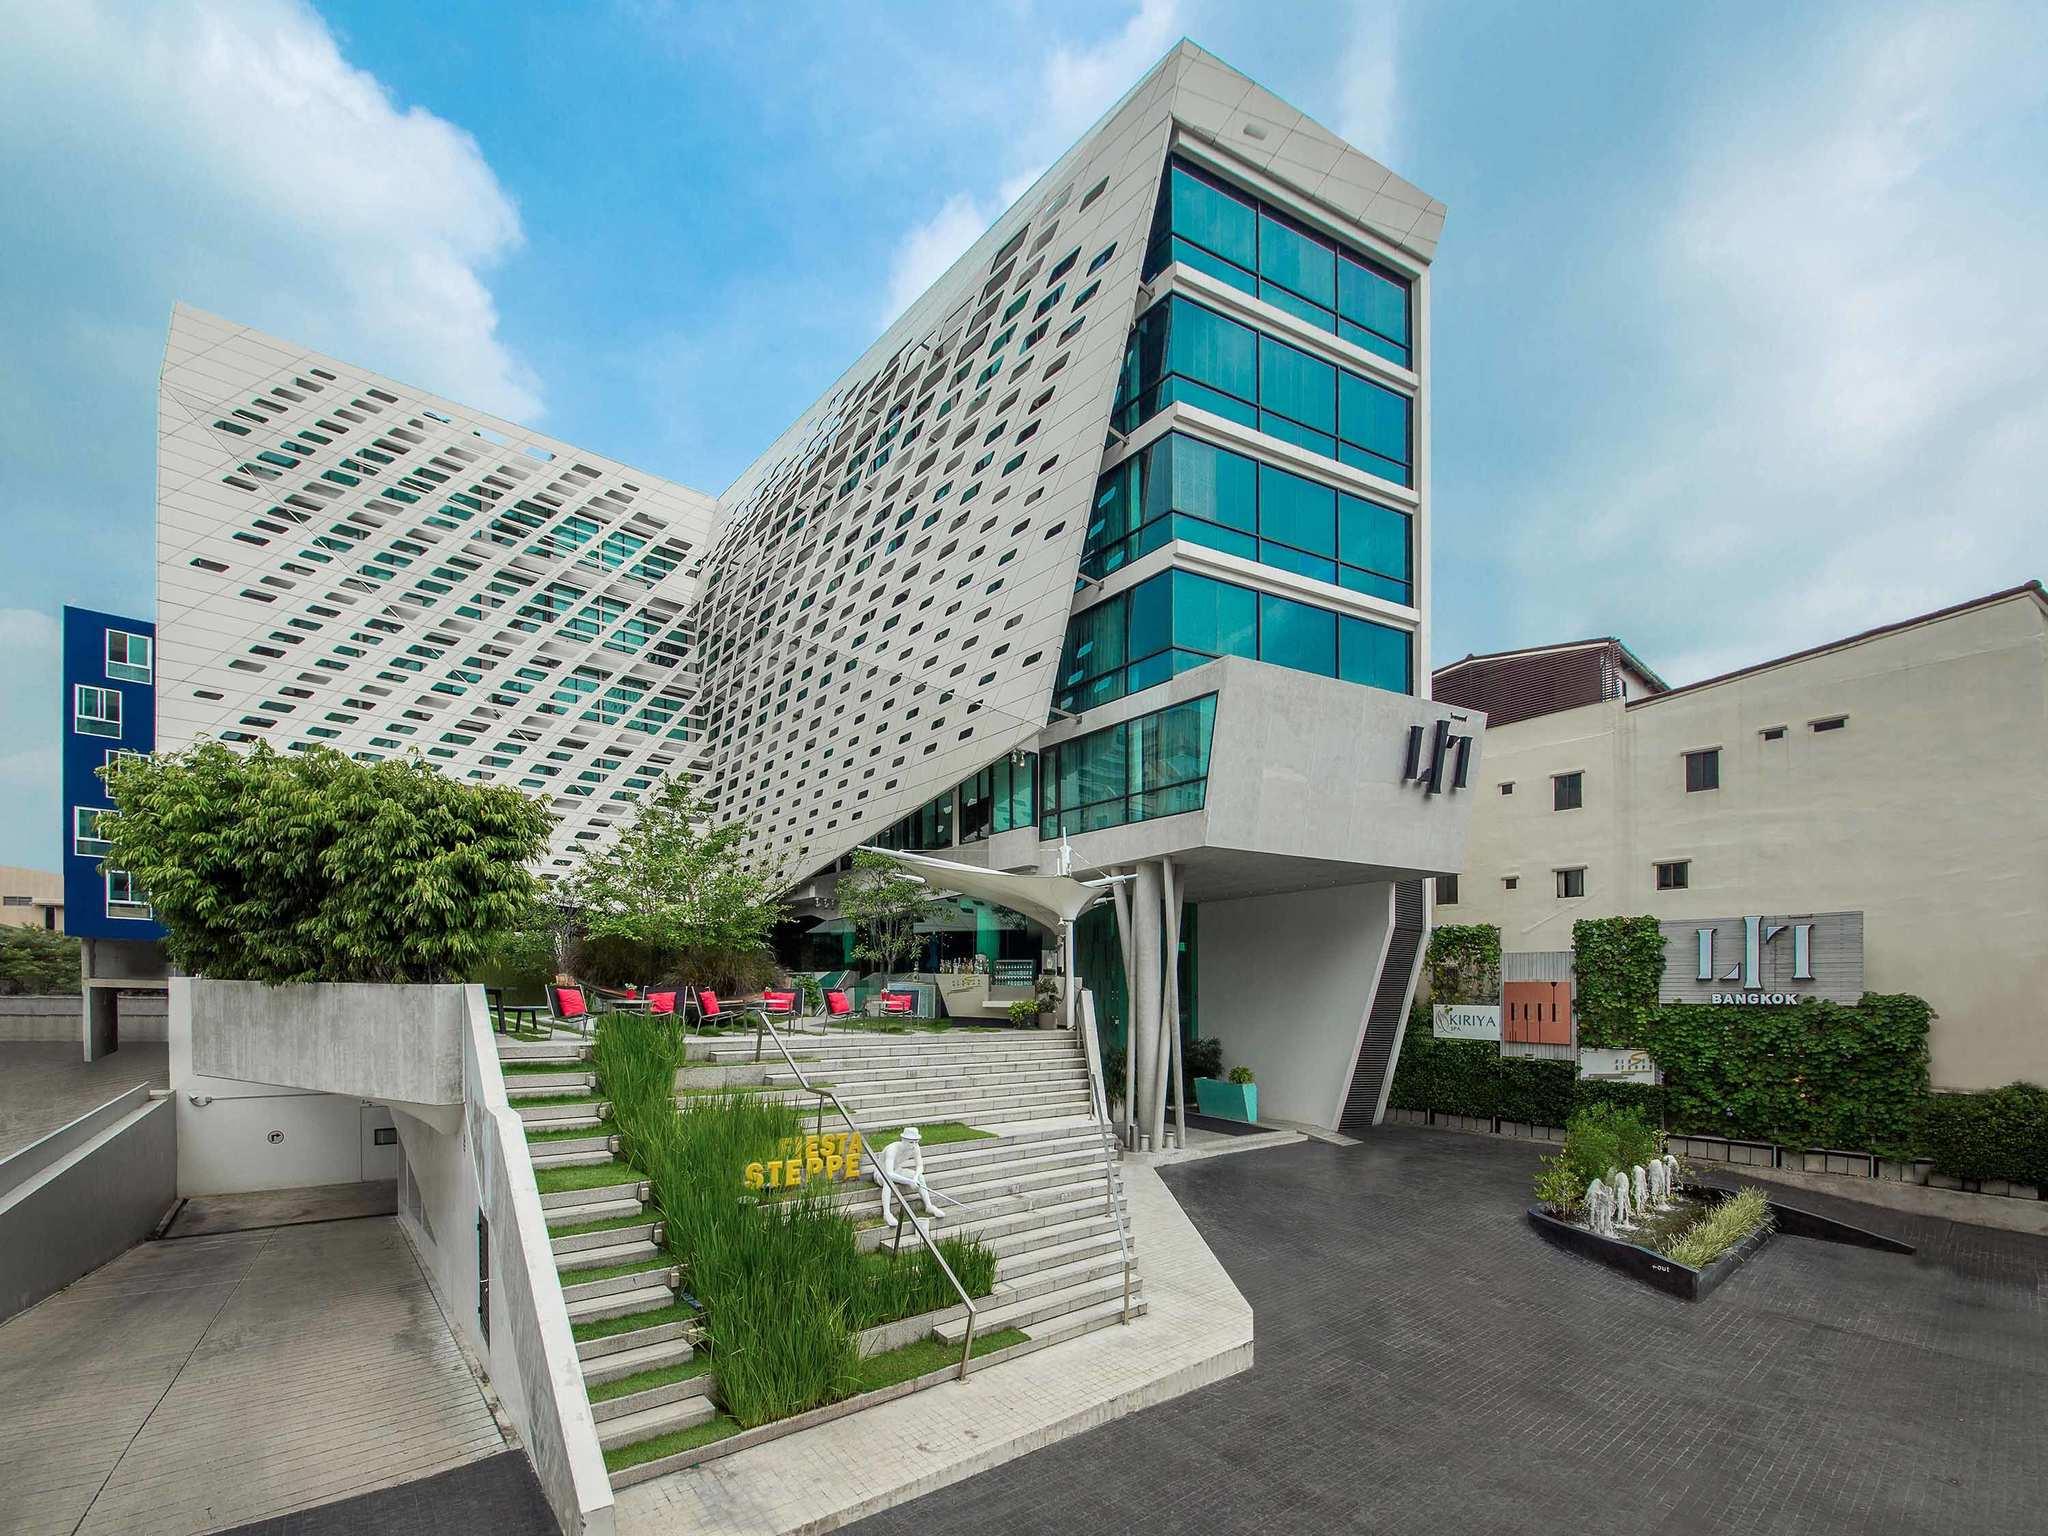 hotel in bangkok lit bangkok hotel. Black Bedroom Furniture Sets. Home Design Ideas